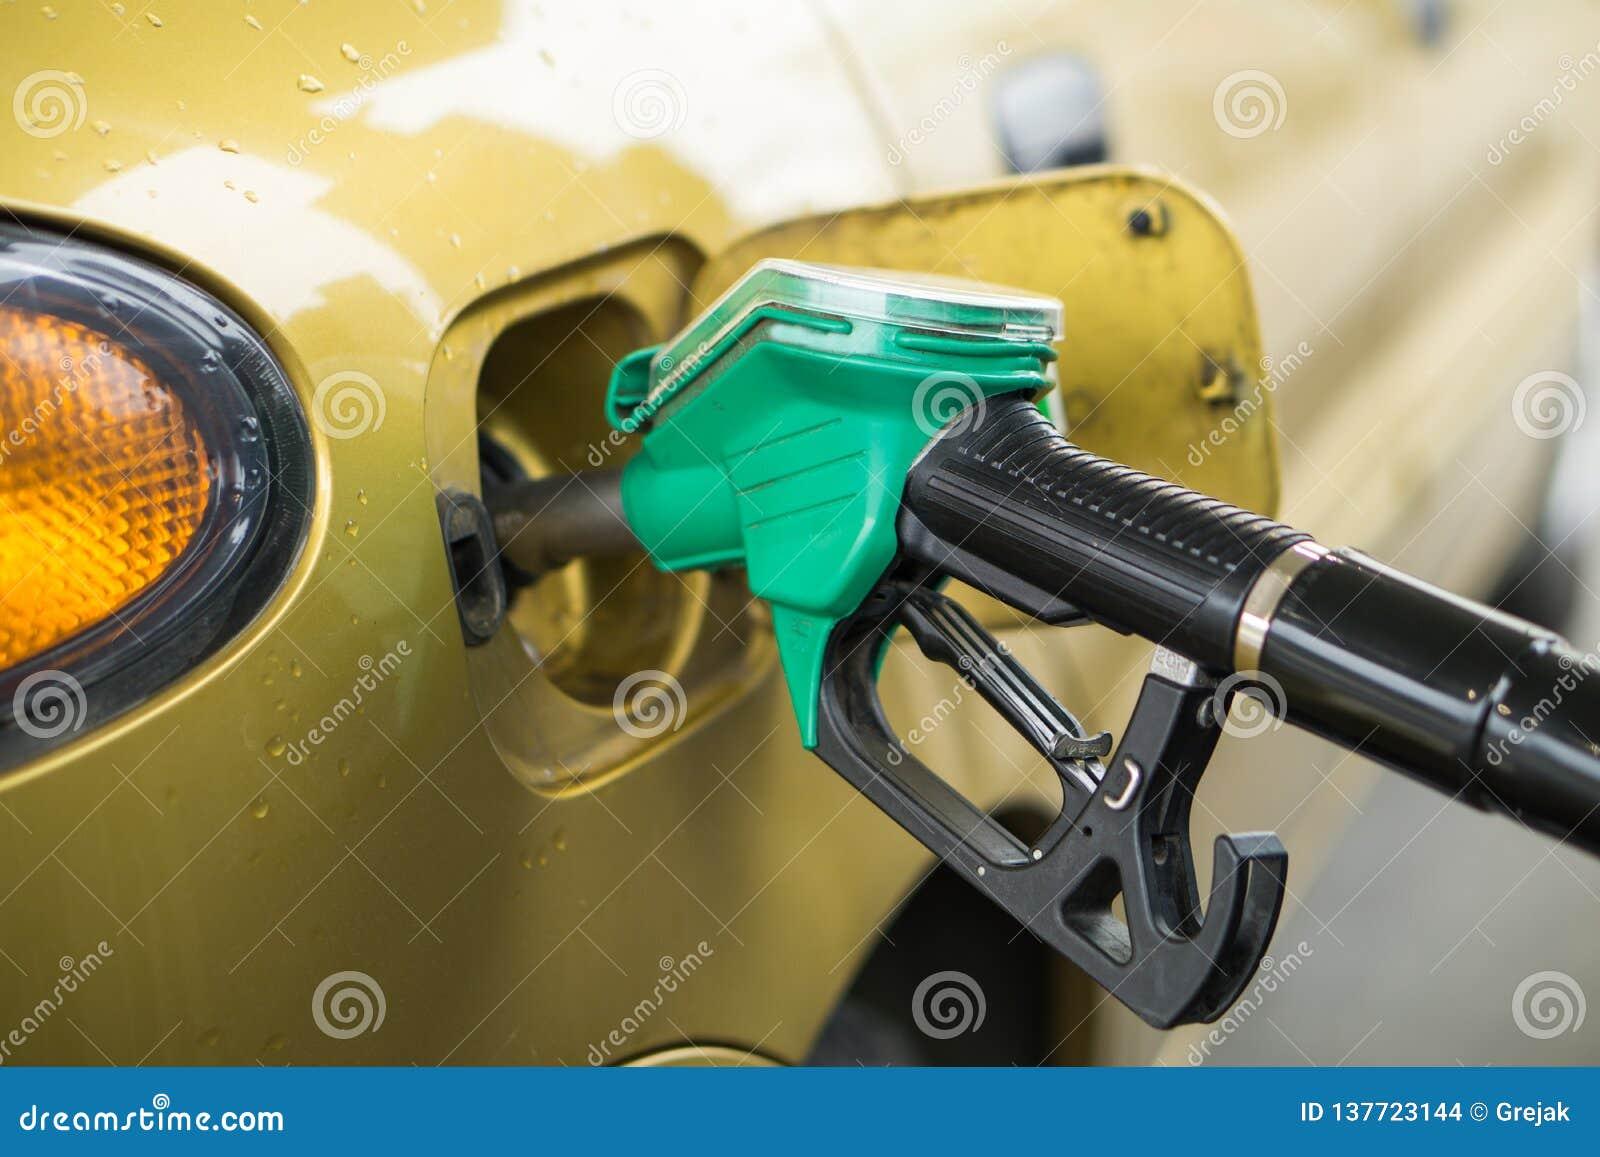 Gelb, Goldauto an einer Tankstelle, die mit Brennstoff gefüllt wird